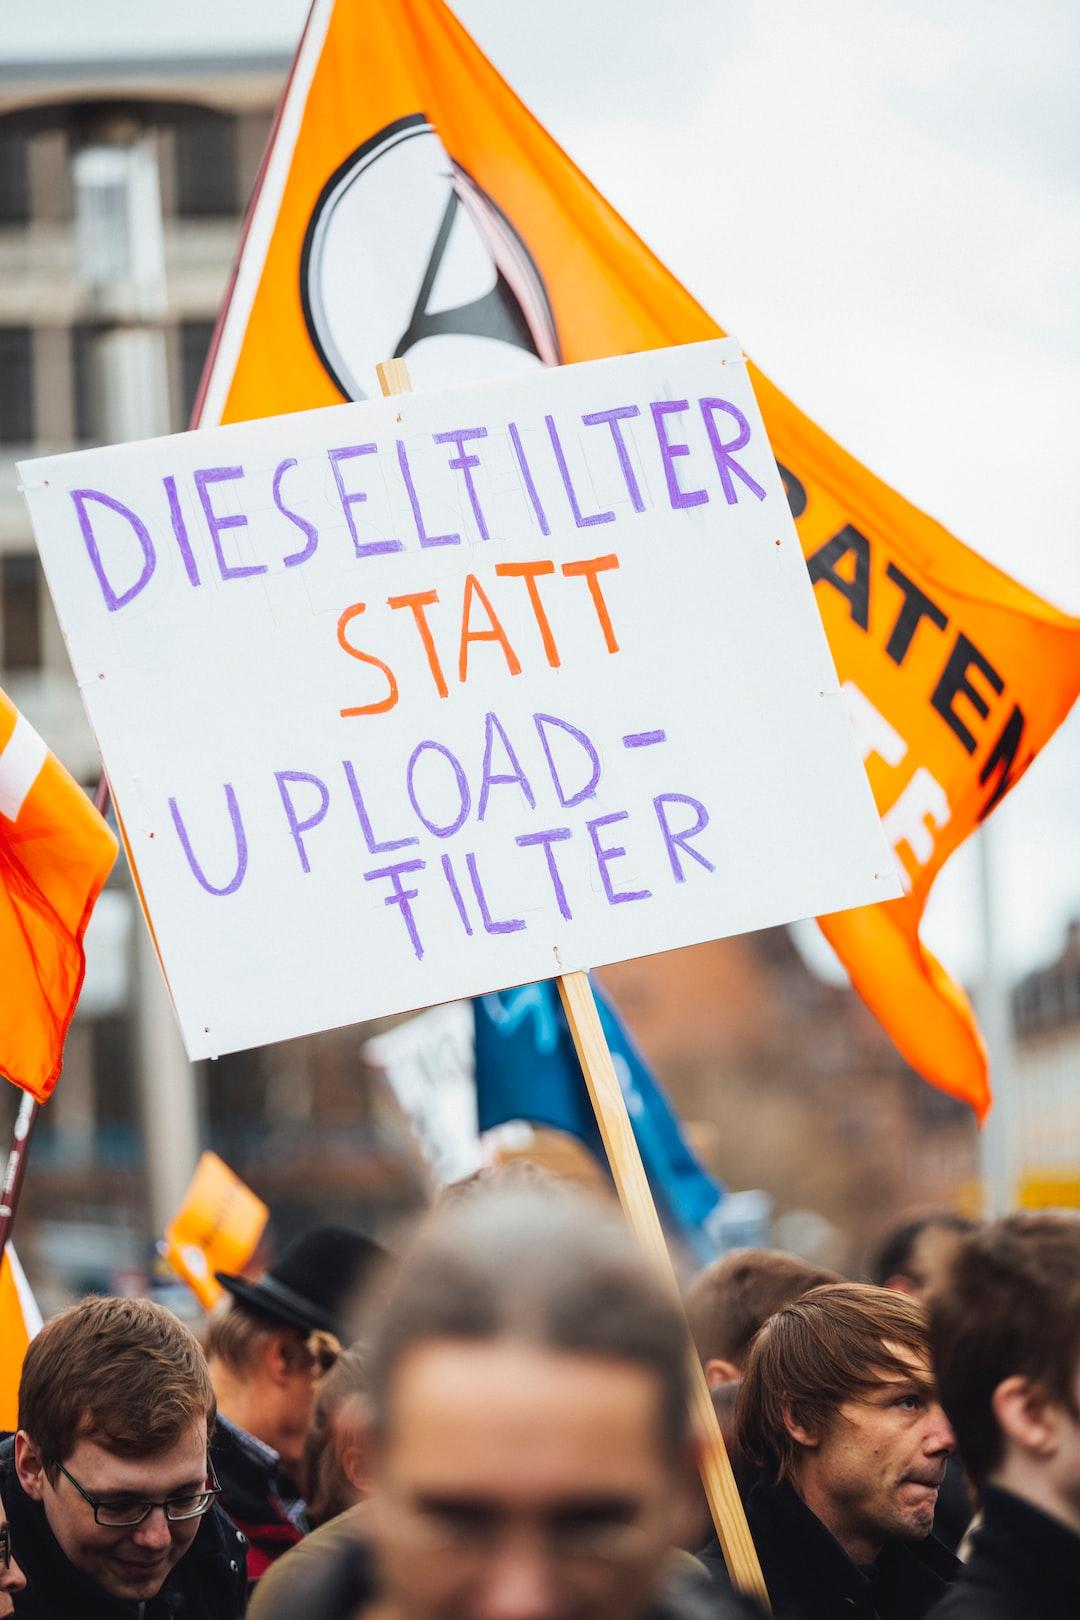 Save Your Internet – Demo against Uploadfilter – Article 13 #CensorshipMachine – March 16. 2019, Nürnberg, Germany